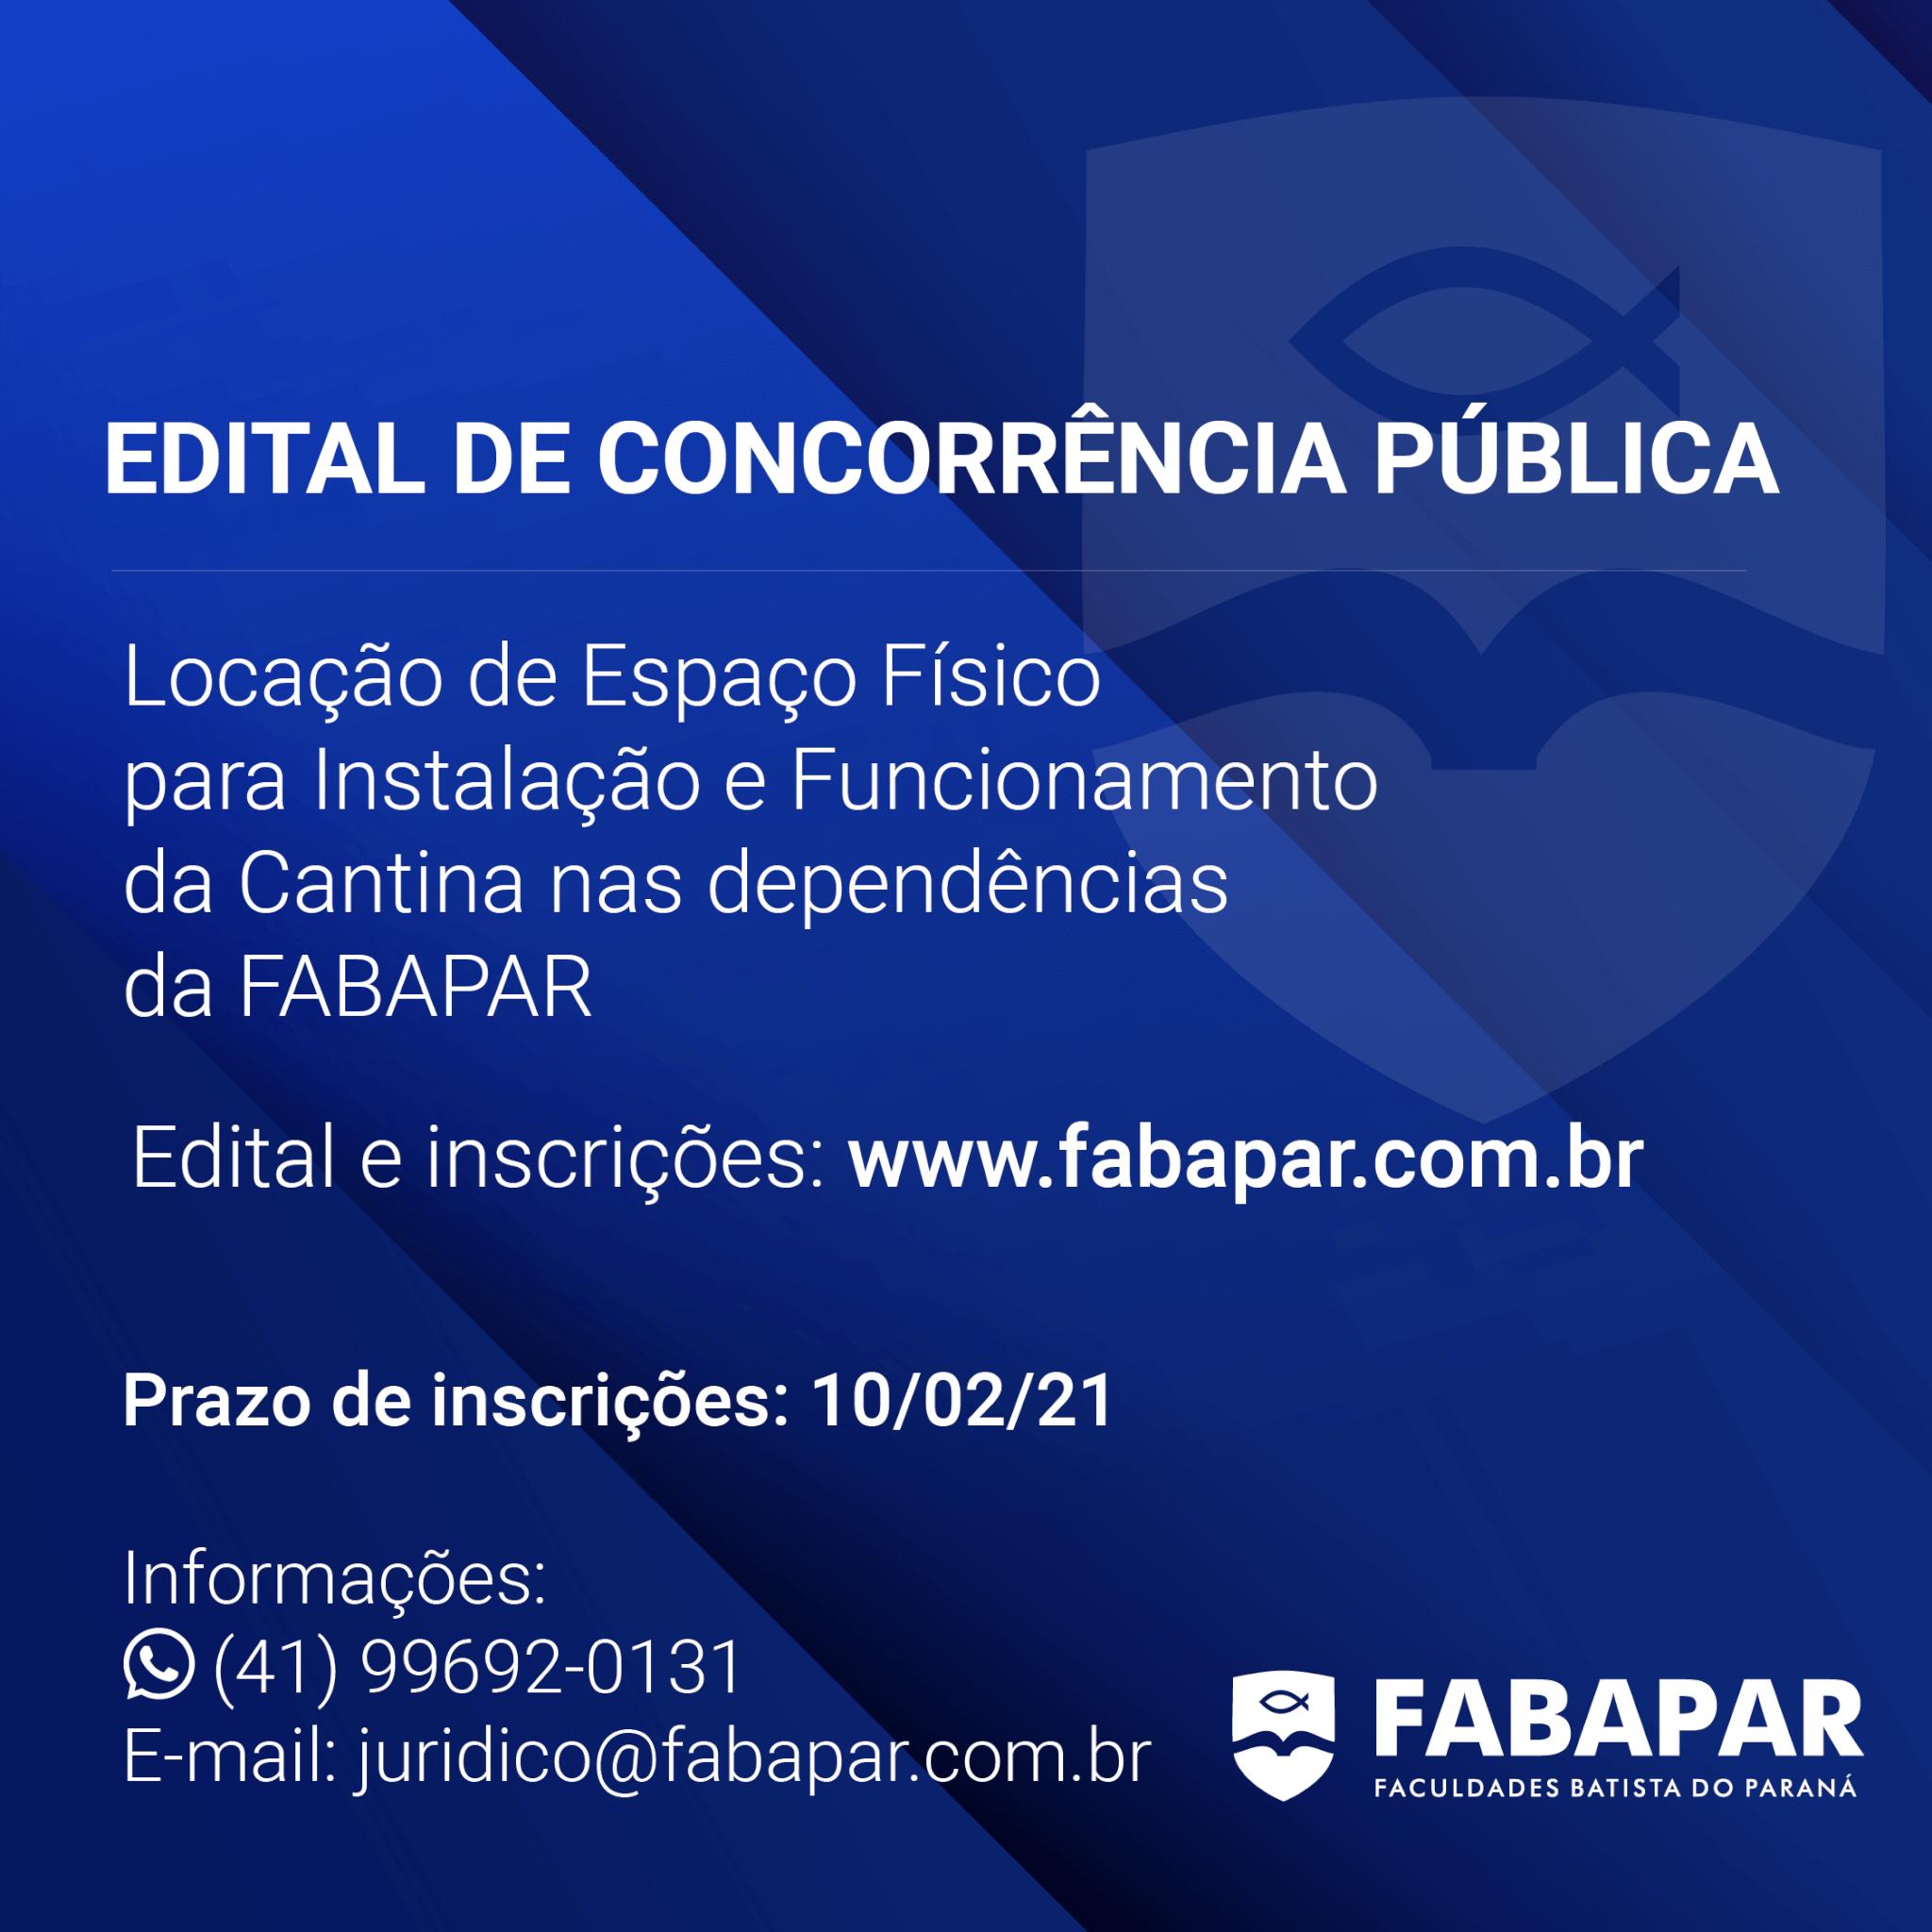 EDITAL DE CONCORRÊNCIA PÚBLICA